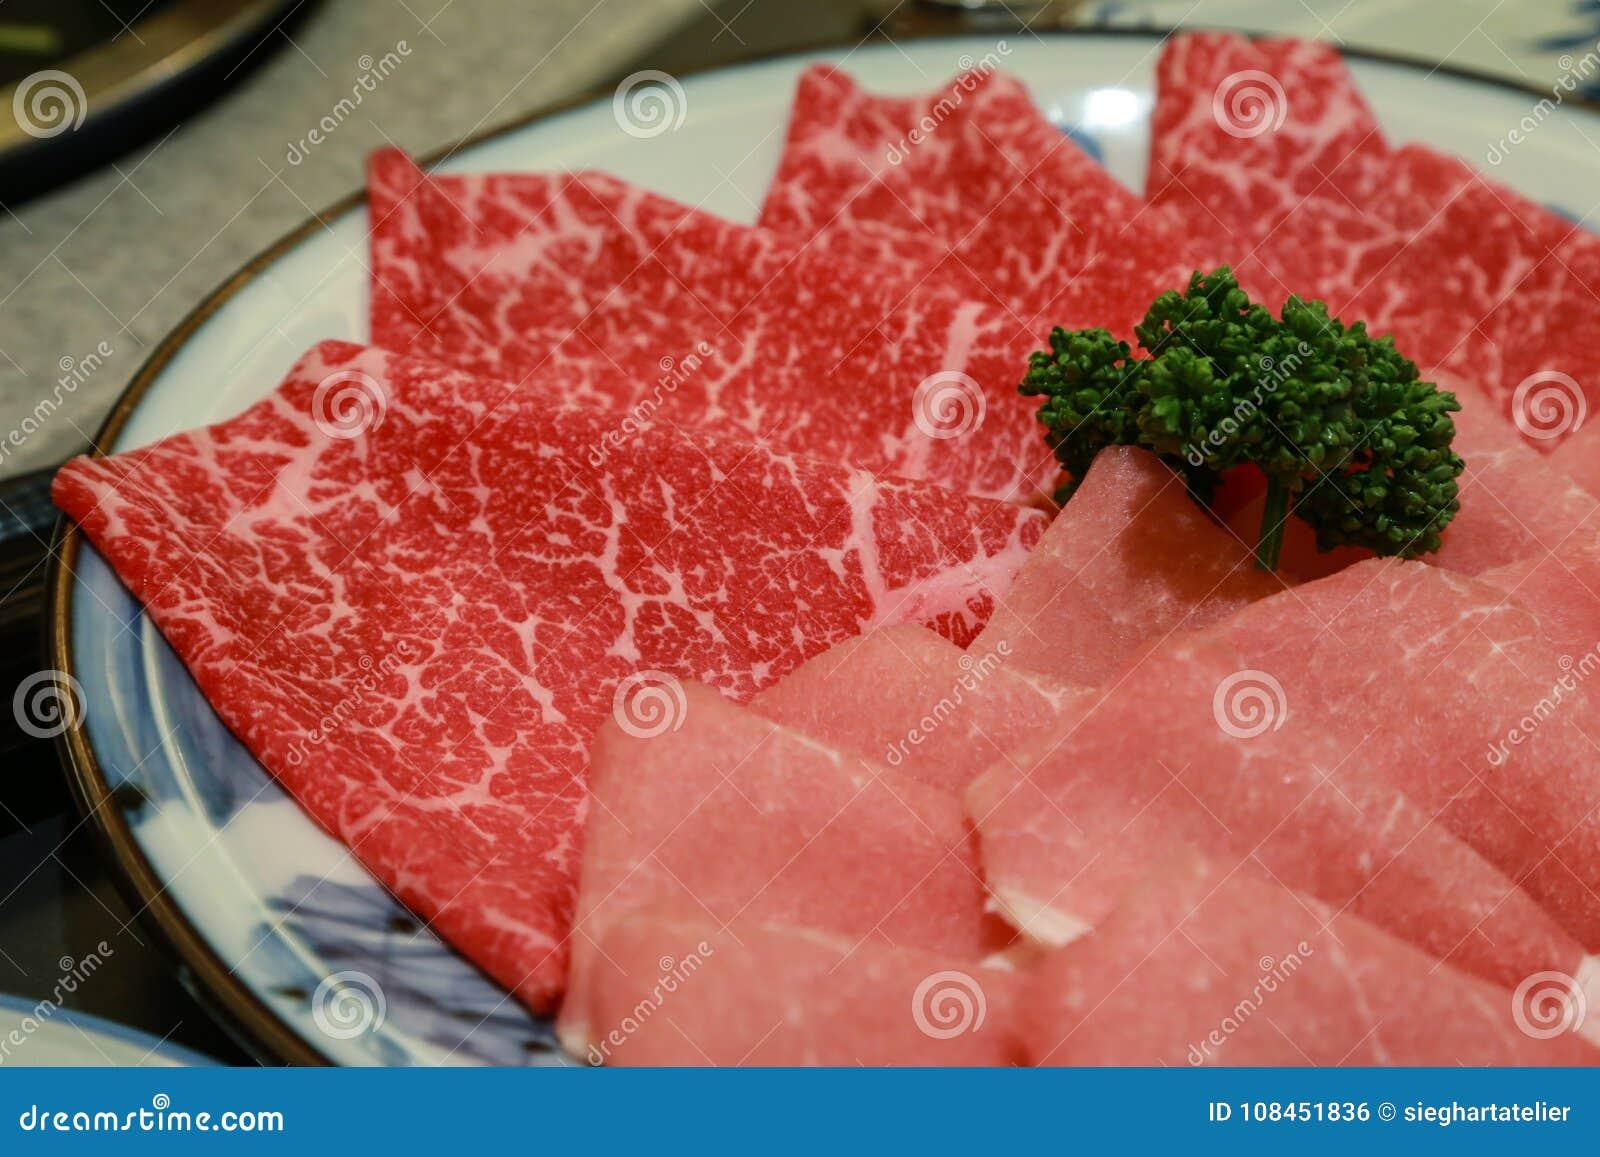 未v牛肉的牛肉和猪肉sukiyaki的辣条糕点图片